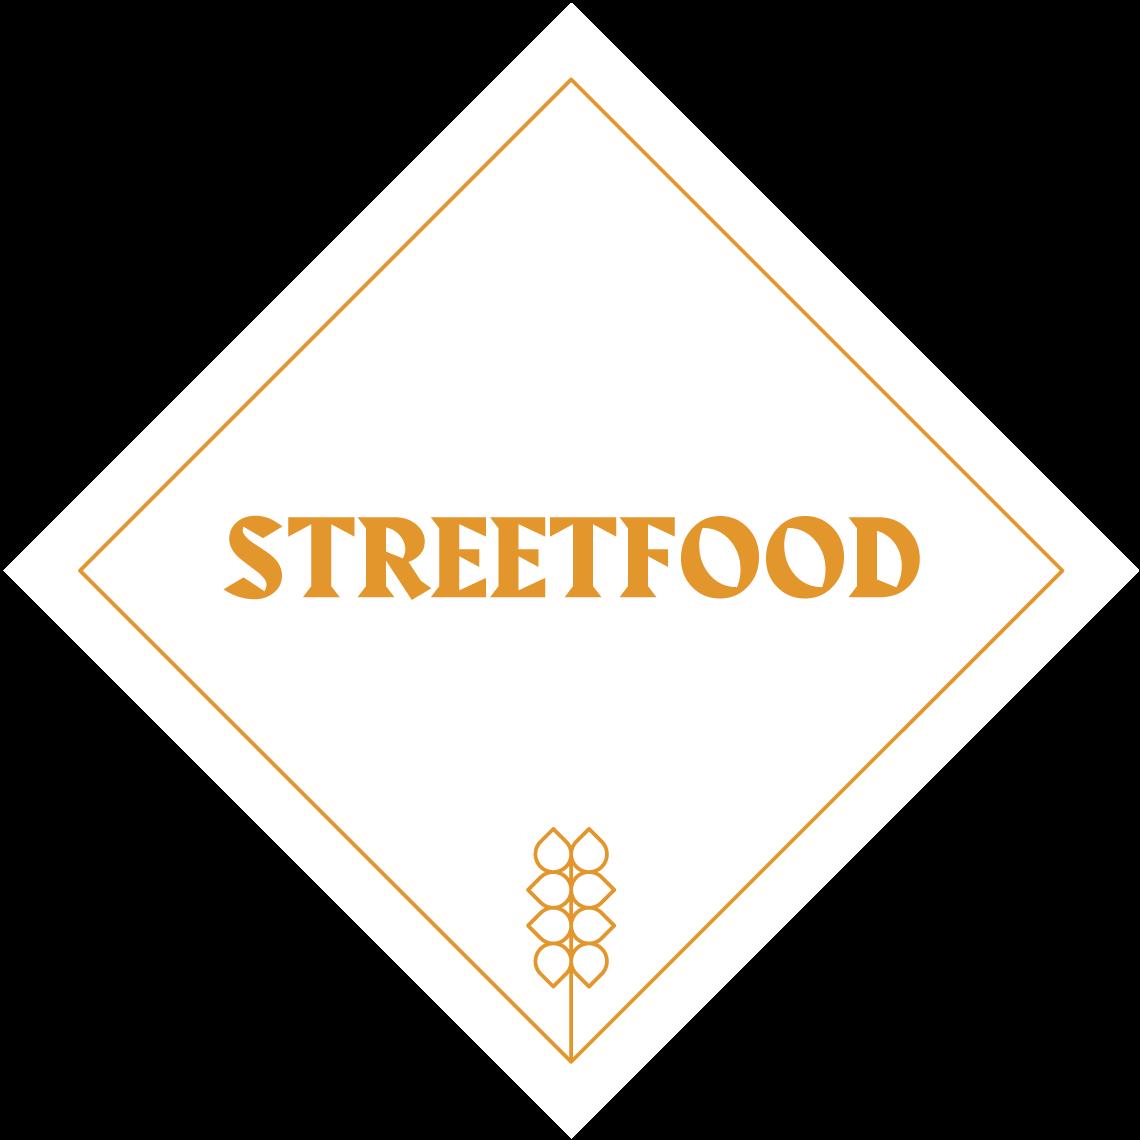 Meny-Streetfood.png